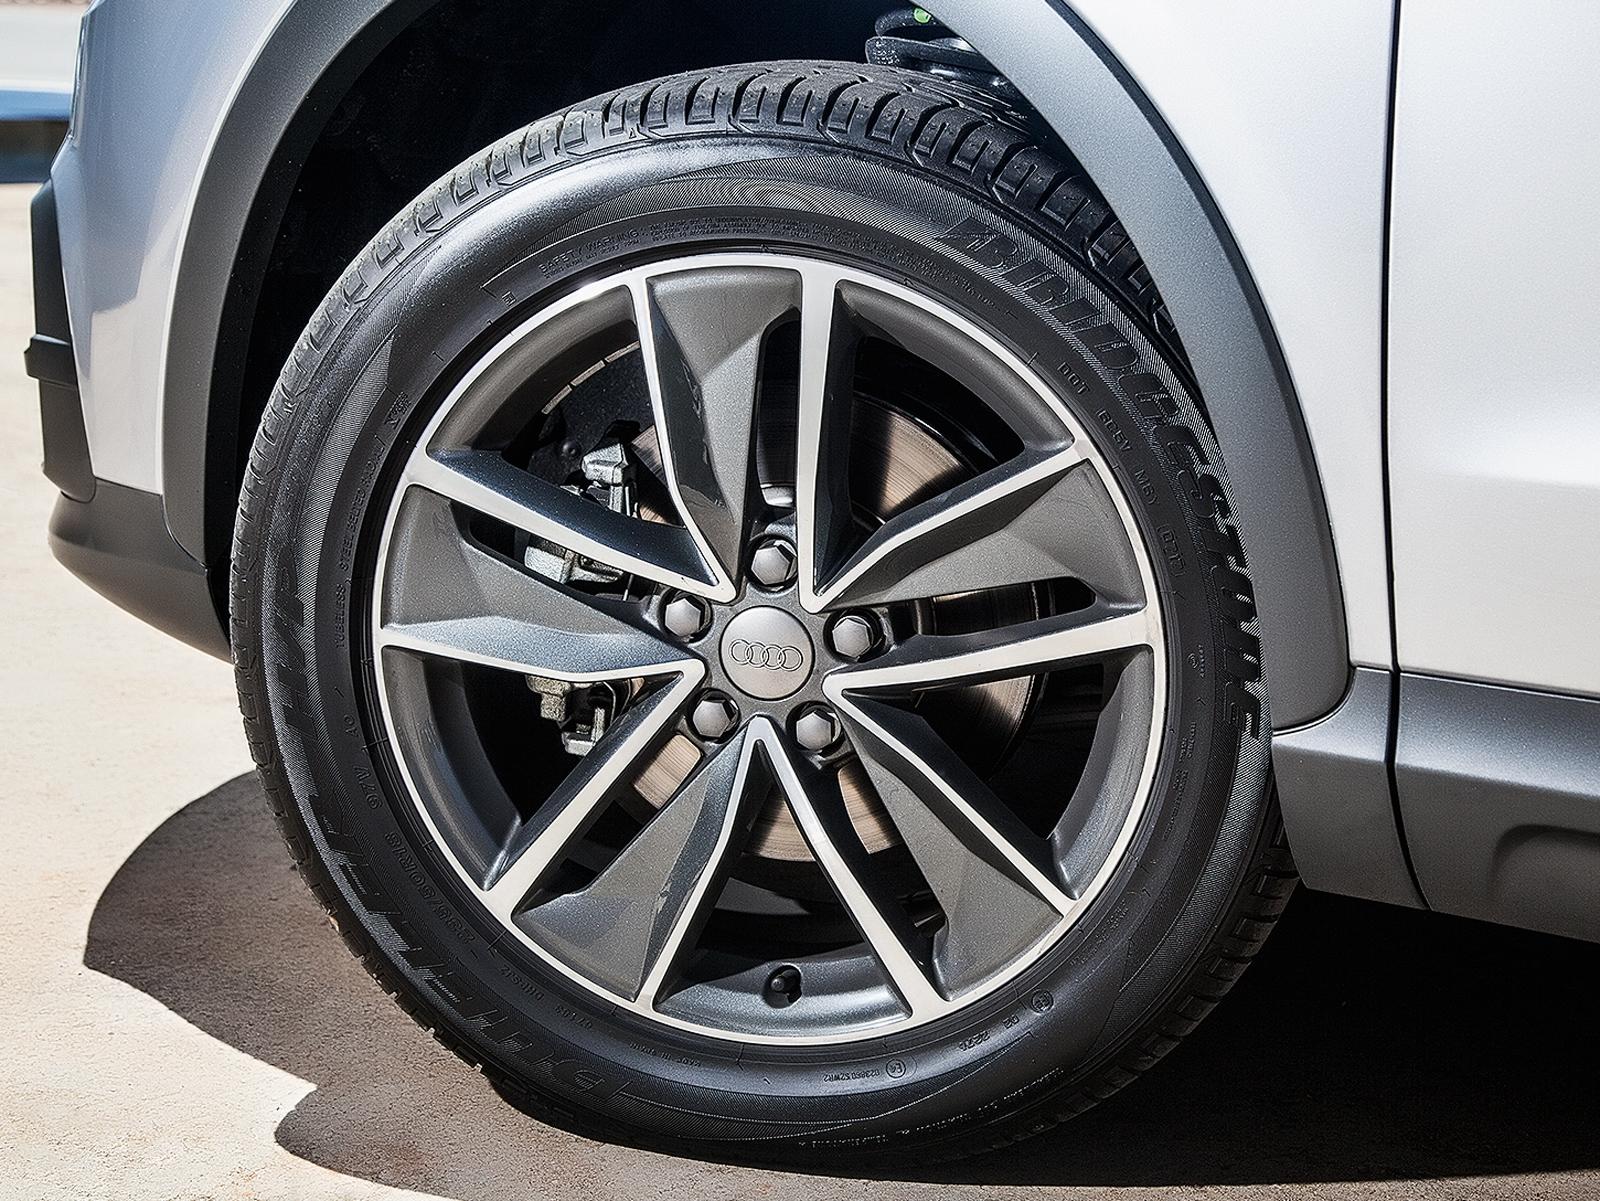 Rodas são de liga leve e os pneus aro 18